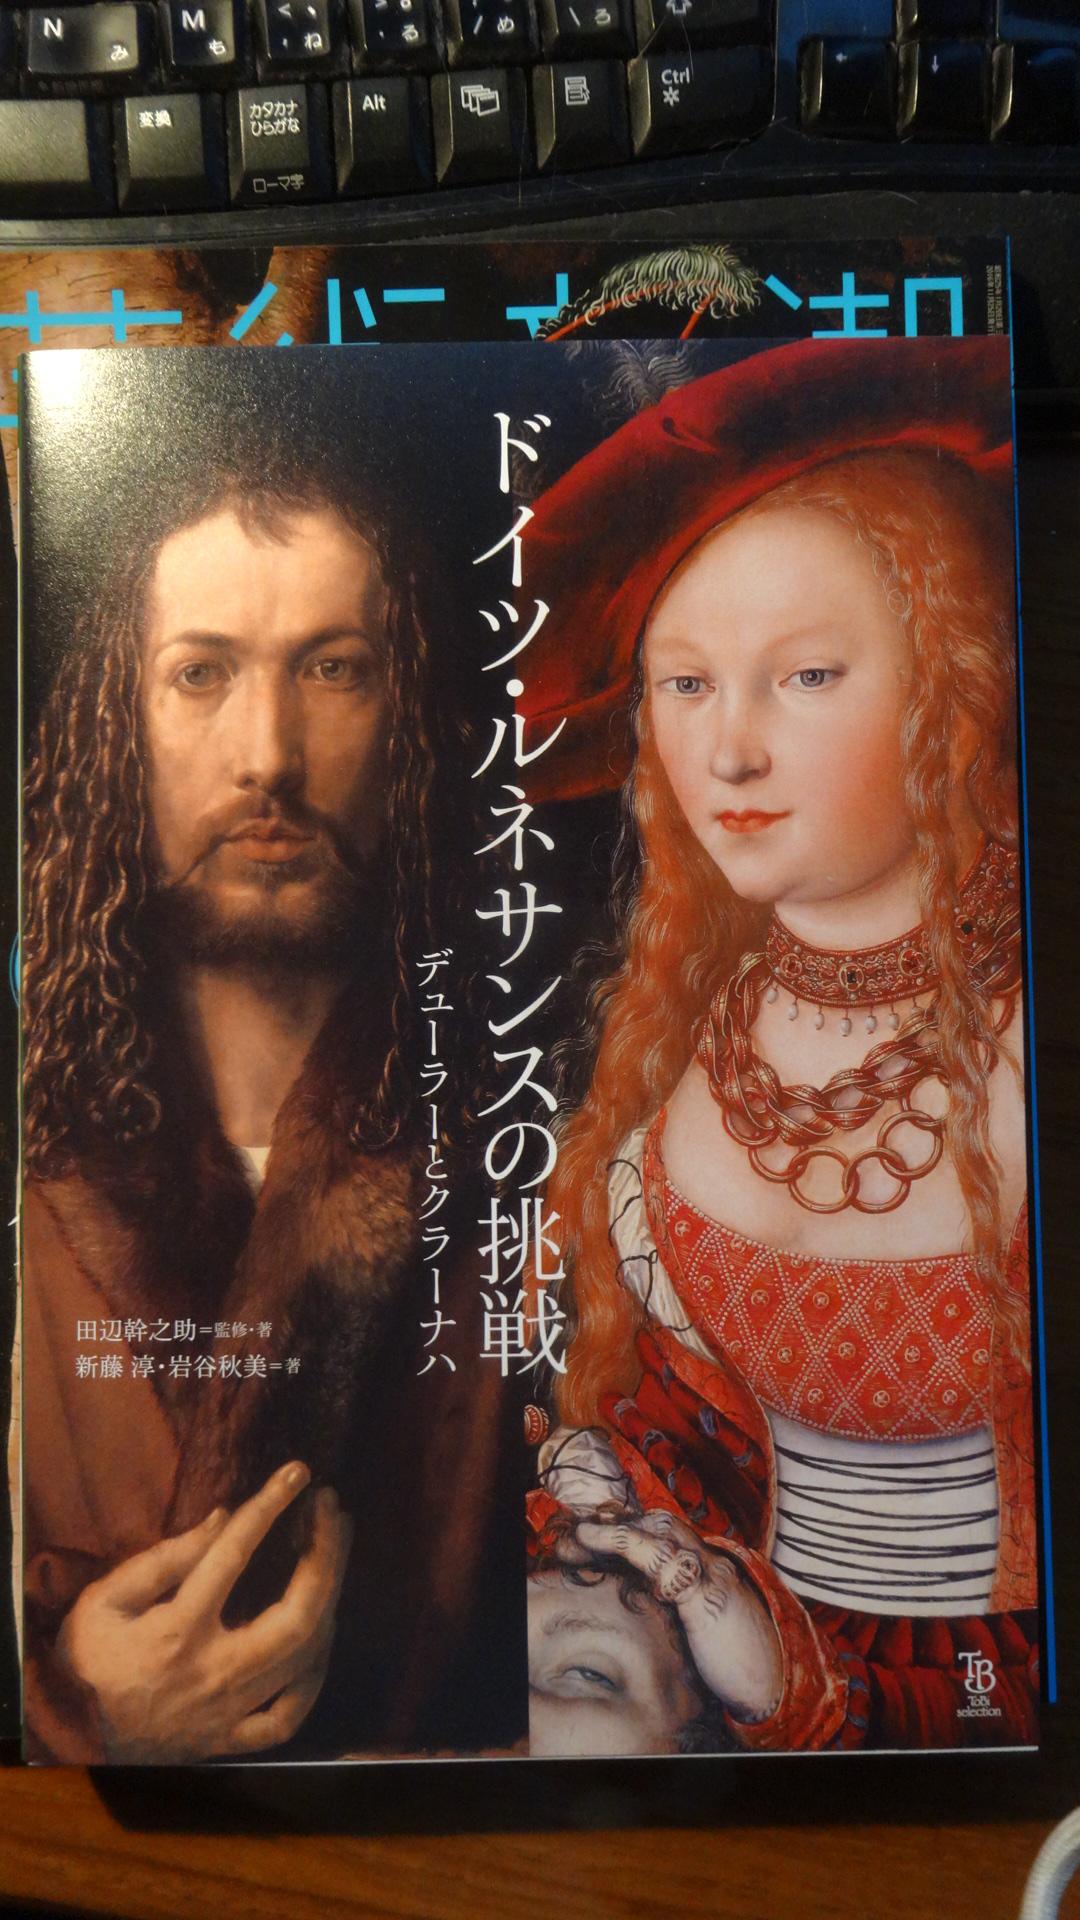 クラーナハとデューラーについて書かれた本